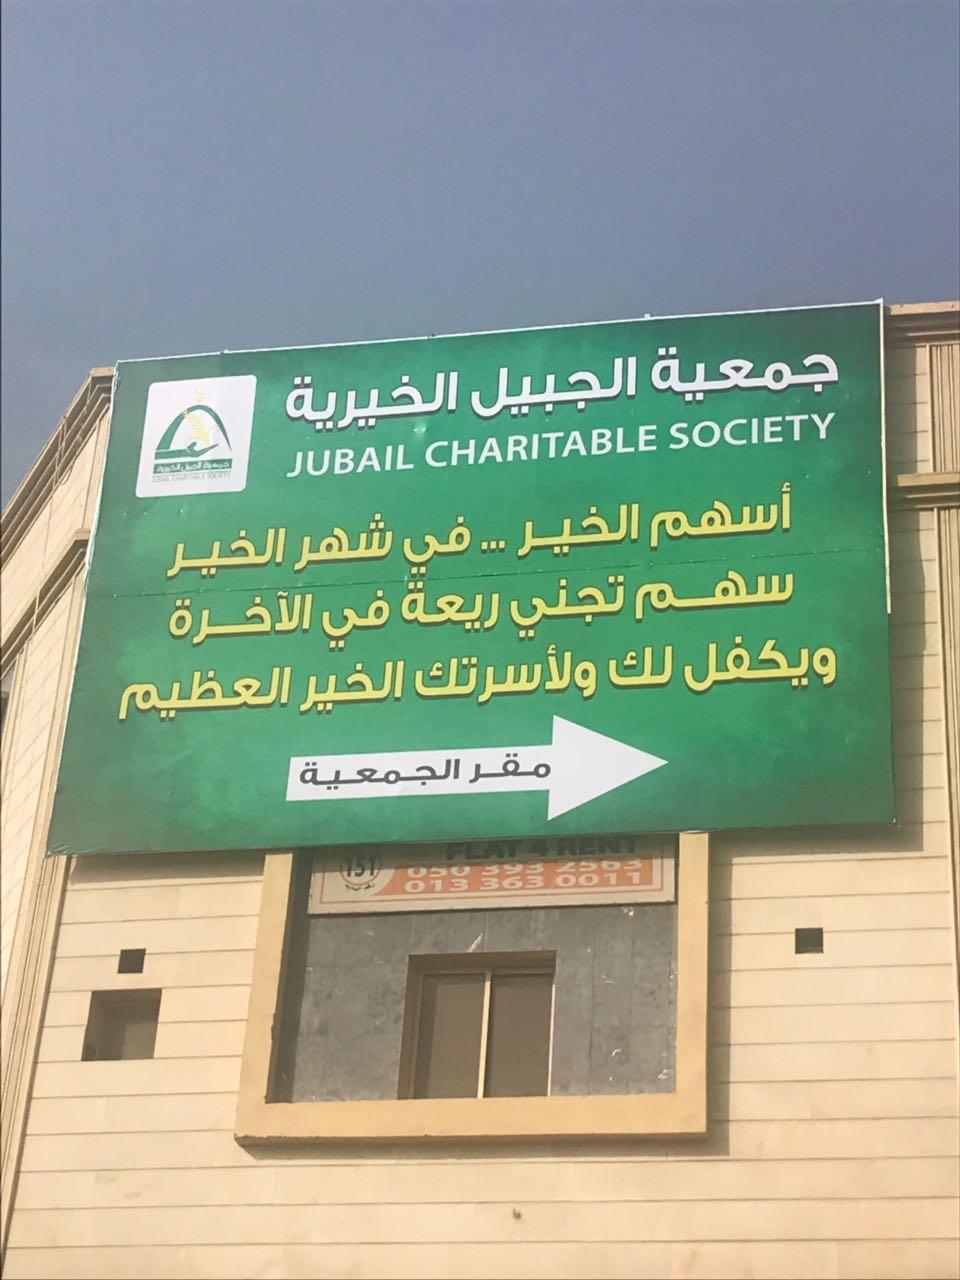 جاهزية جمعية الجبيل الخيرية لإستقبال شهر رمضان لهذا العام ١٤٣٩هـ